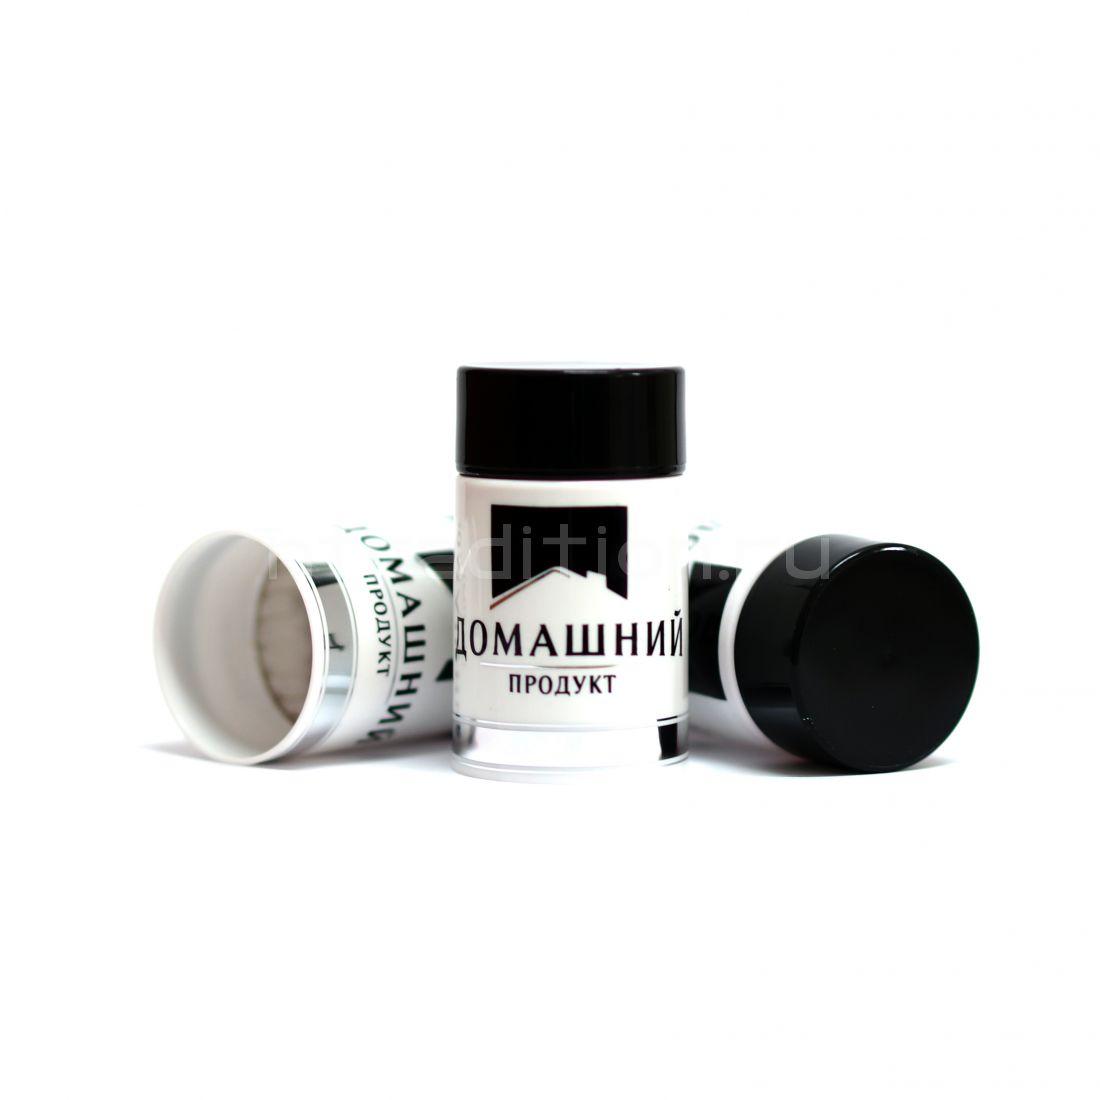 Колпачок с дозатором Домашний продукт чёрный (Гуала 47 мм) / 10 шт